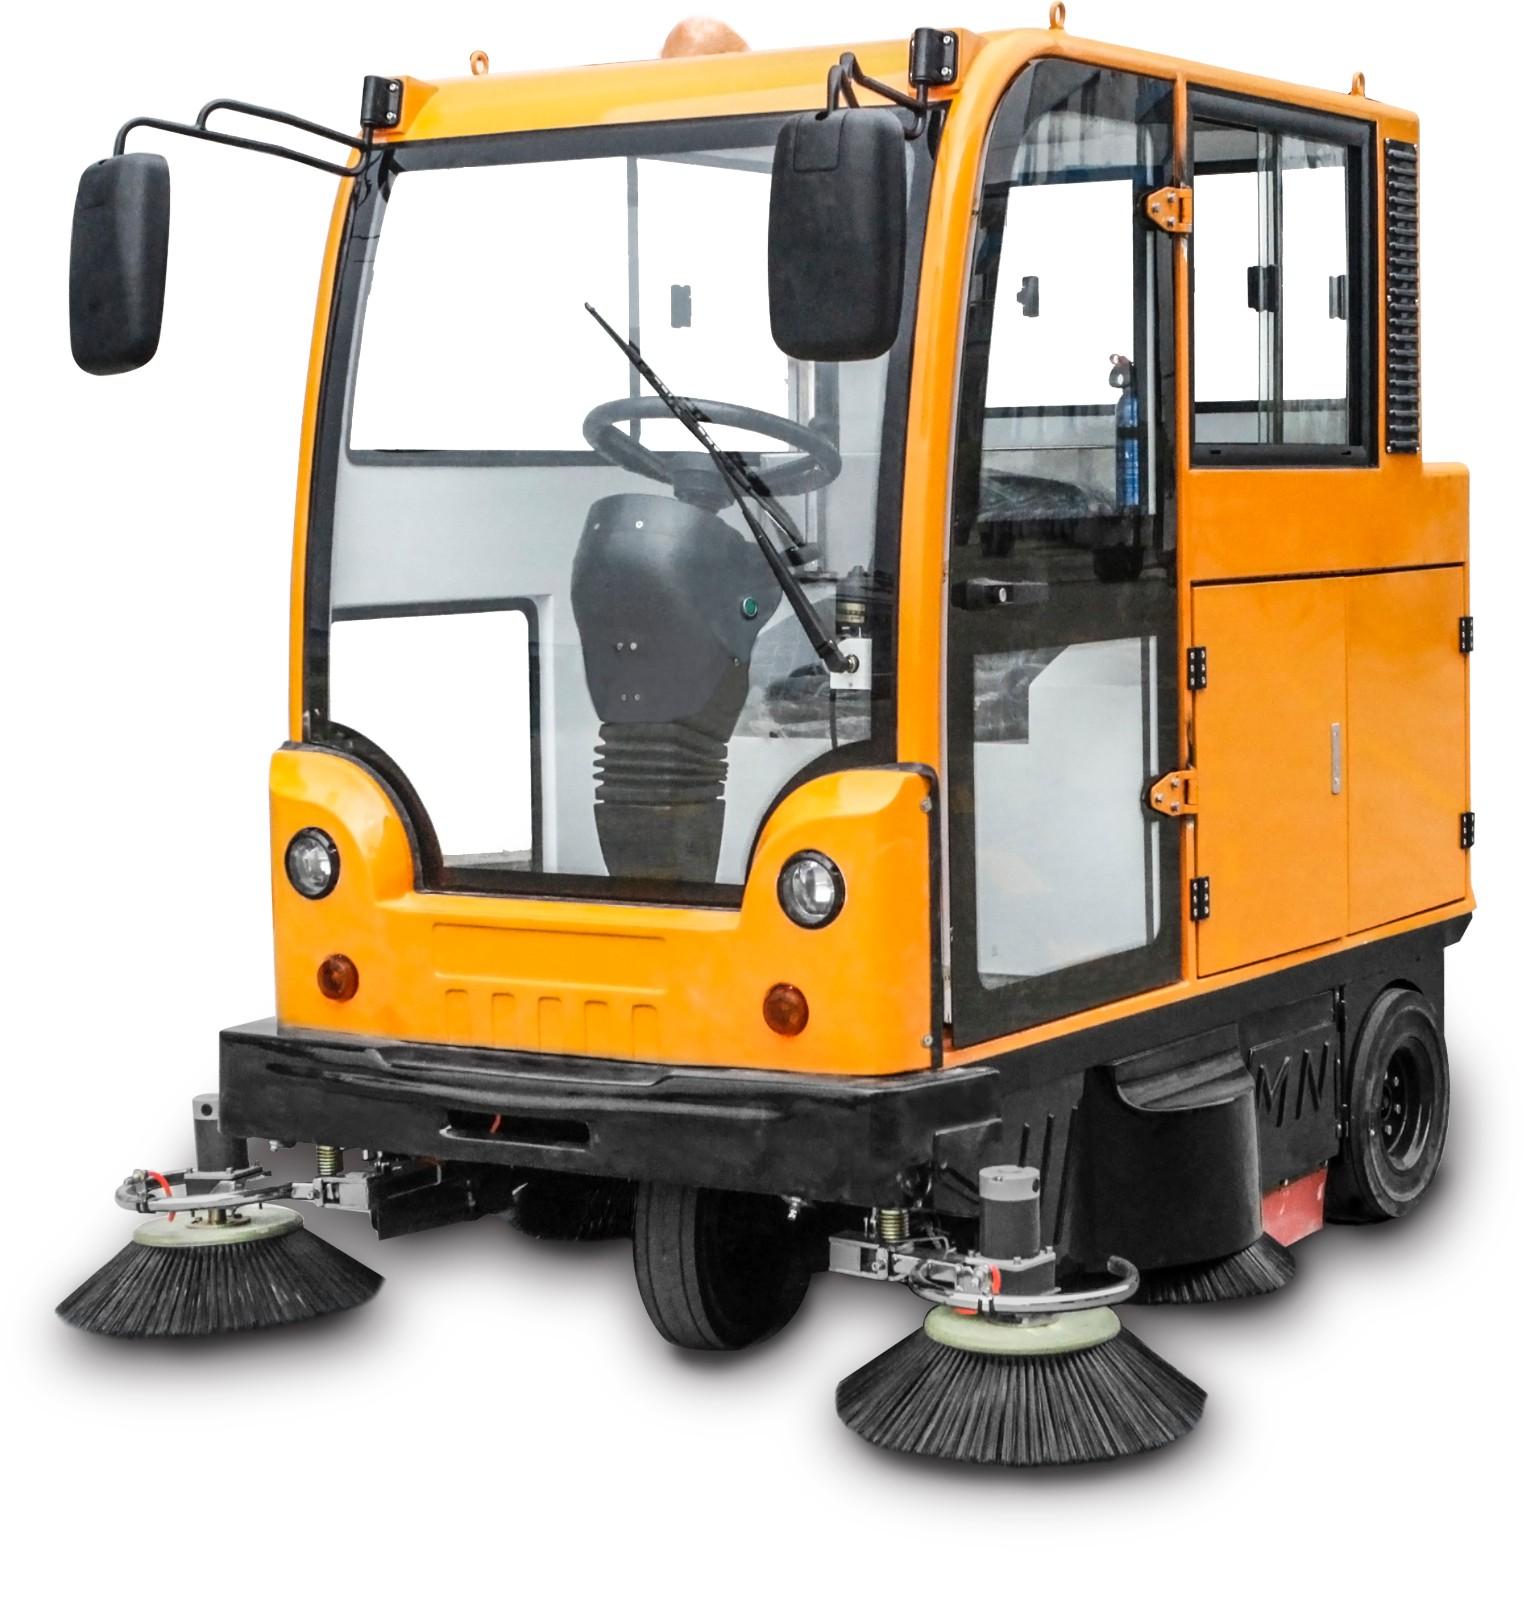 新疆封闭式扫地机MN-E800LC电瓶扫地车,大空间扫地更舒适,大容量尘箱更省时图片二